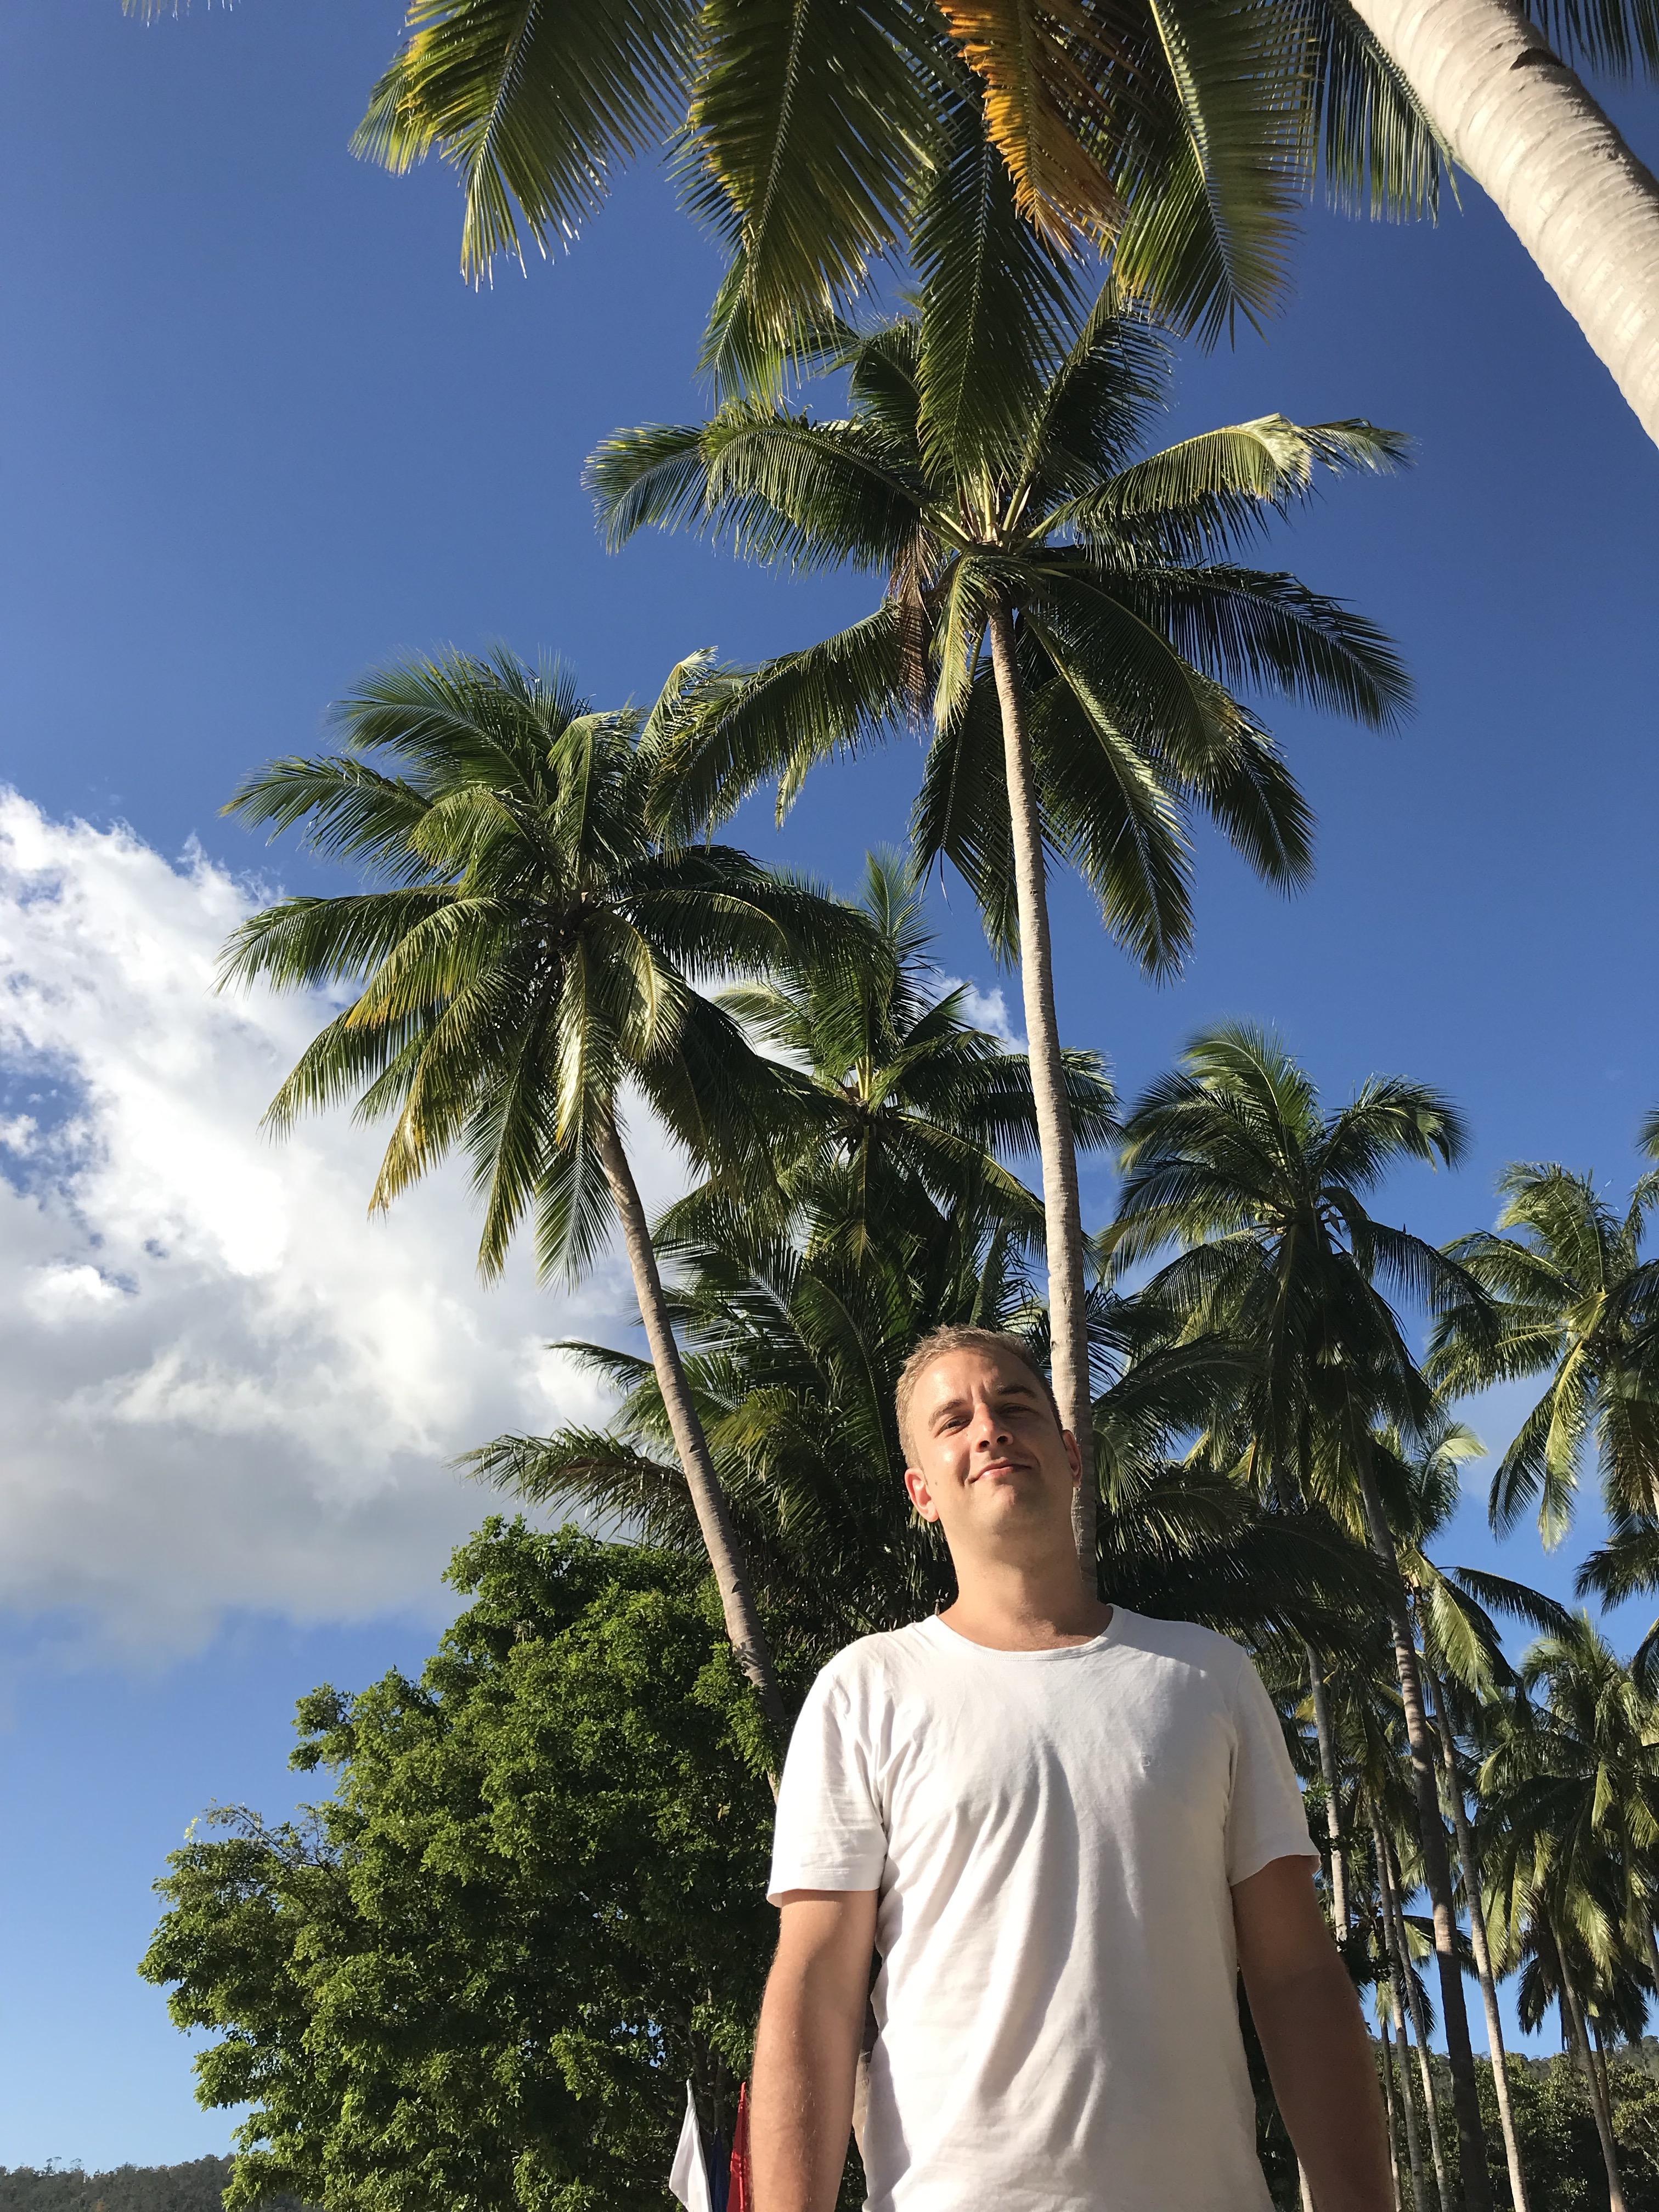 palme-cielo-azzurro-nagtabon-beach-palawan